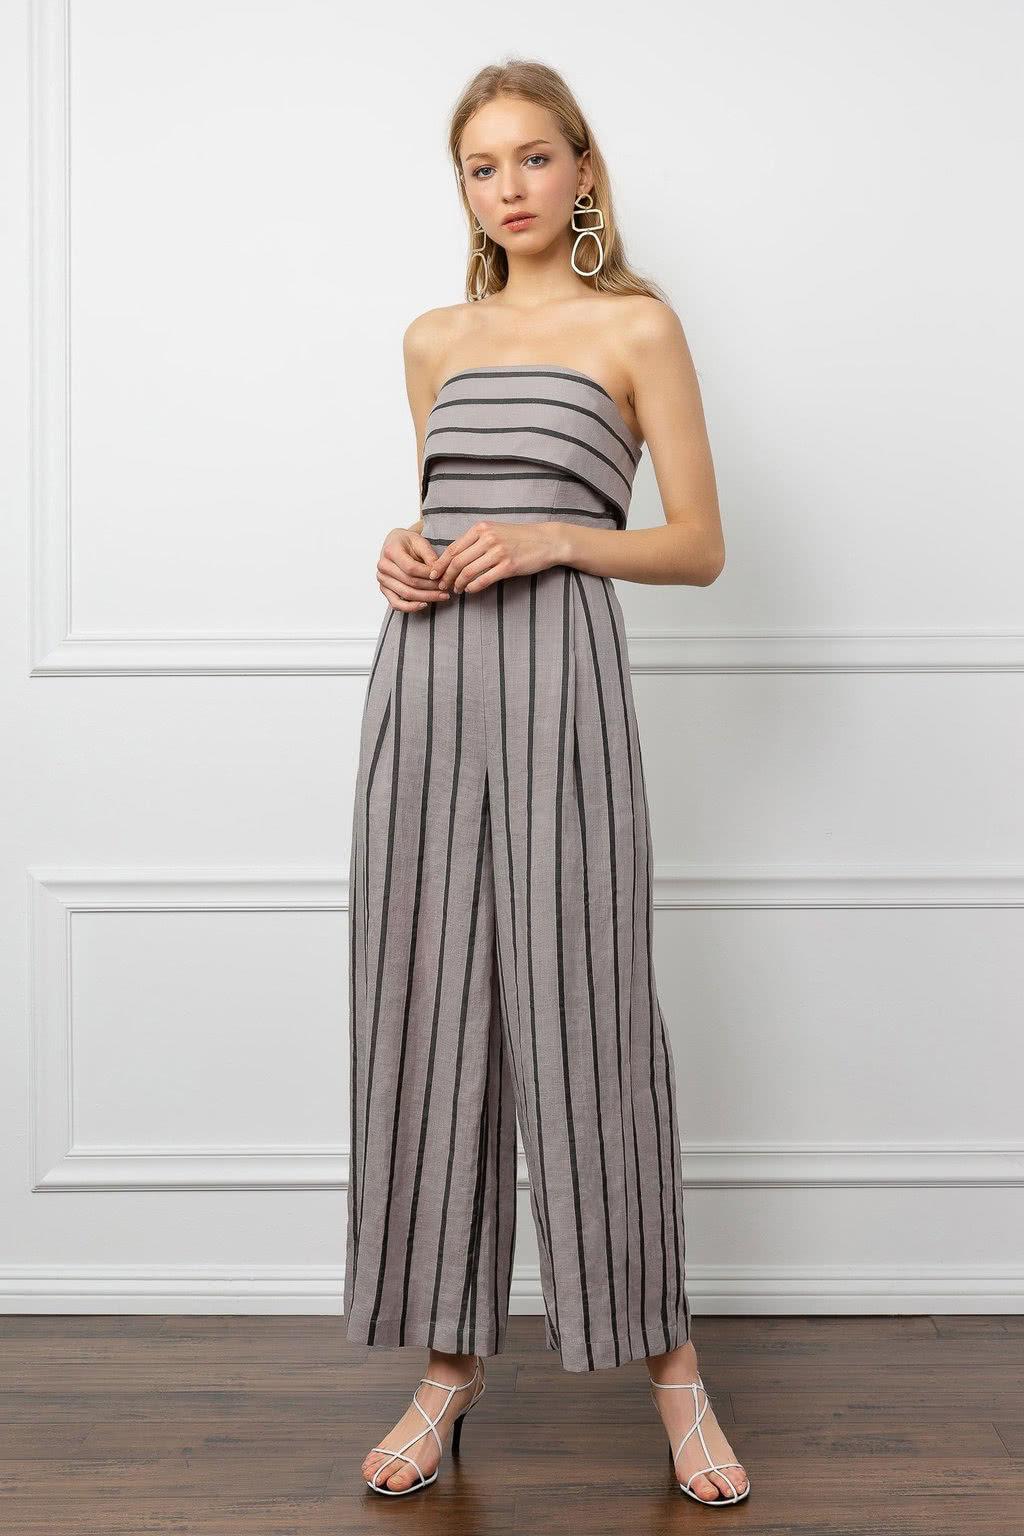 J.ING dressy summer jumpsuit 2019 women - Luxe Digital